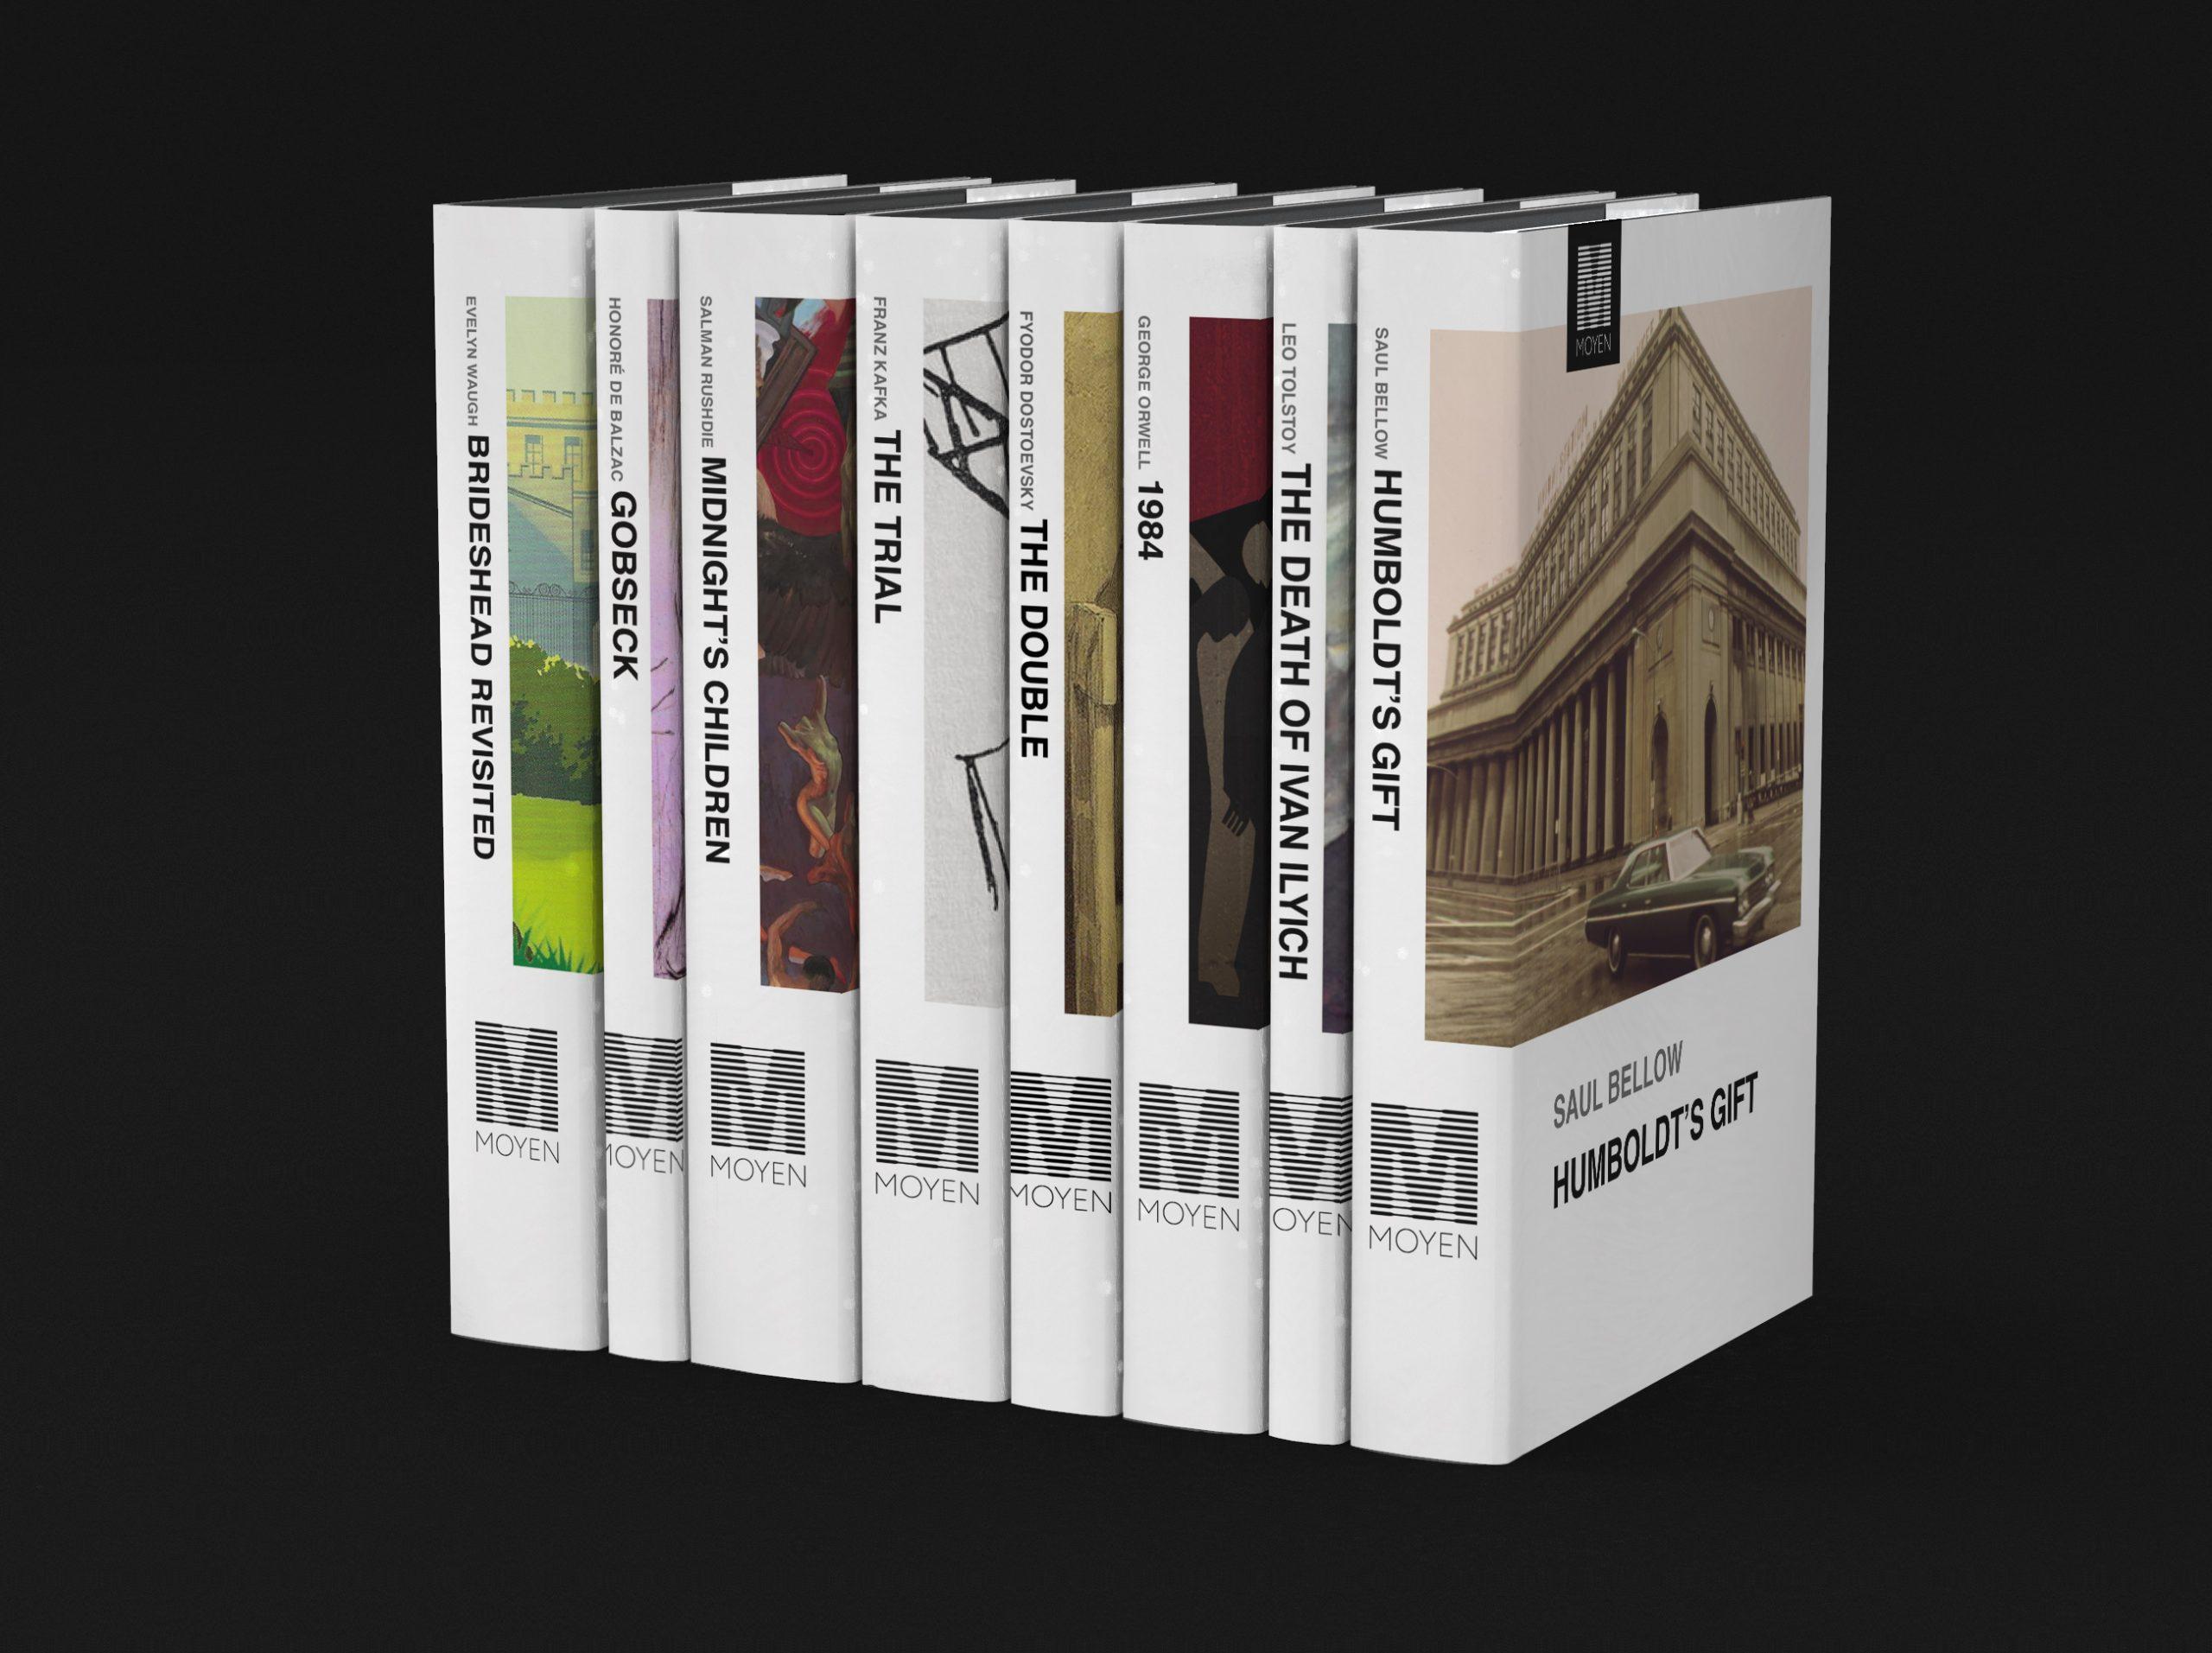 moyen_books_side